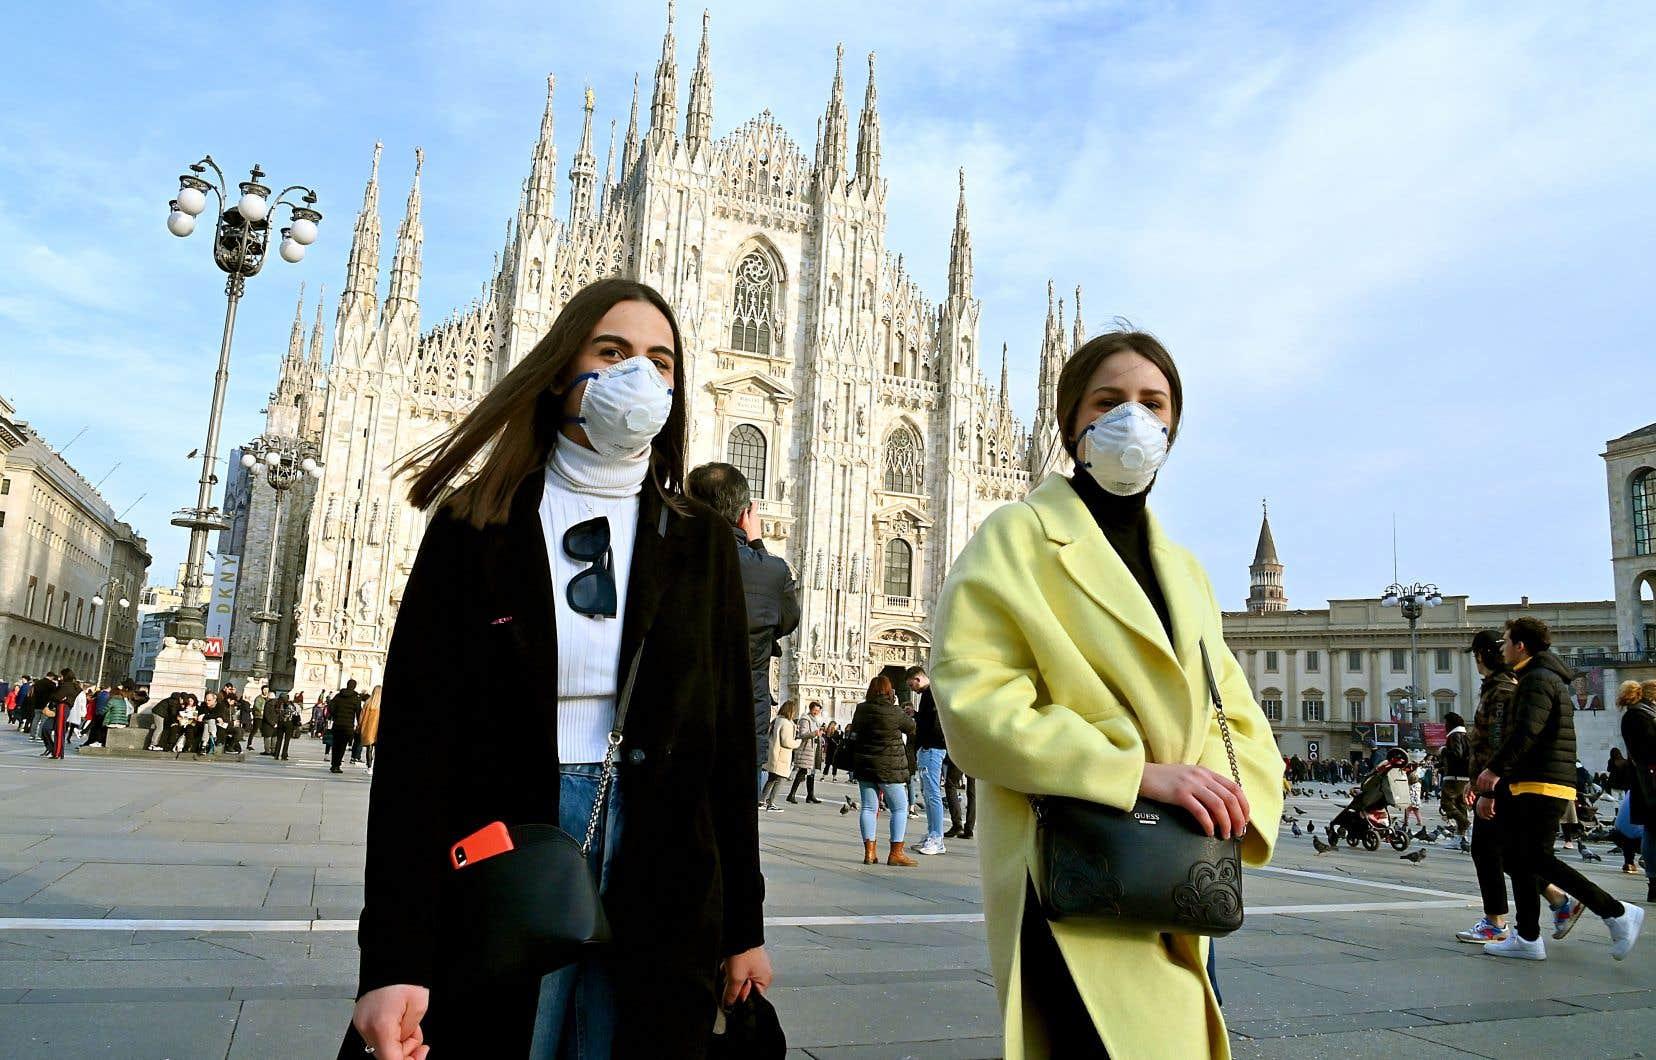 Arrêt du carnaval de Venise, fermetures d'établissements à Milan (en photo, dimanche) et deux semaines de quarantaine pour onze villes : le nord de l'Italie se prépare à vivre des jours d'angoisse et de restrictions après une soudaine et spectaculaire flambée de cas de COVID-19.